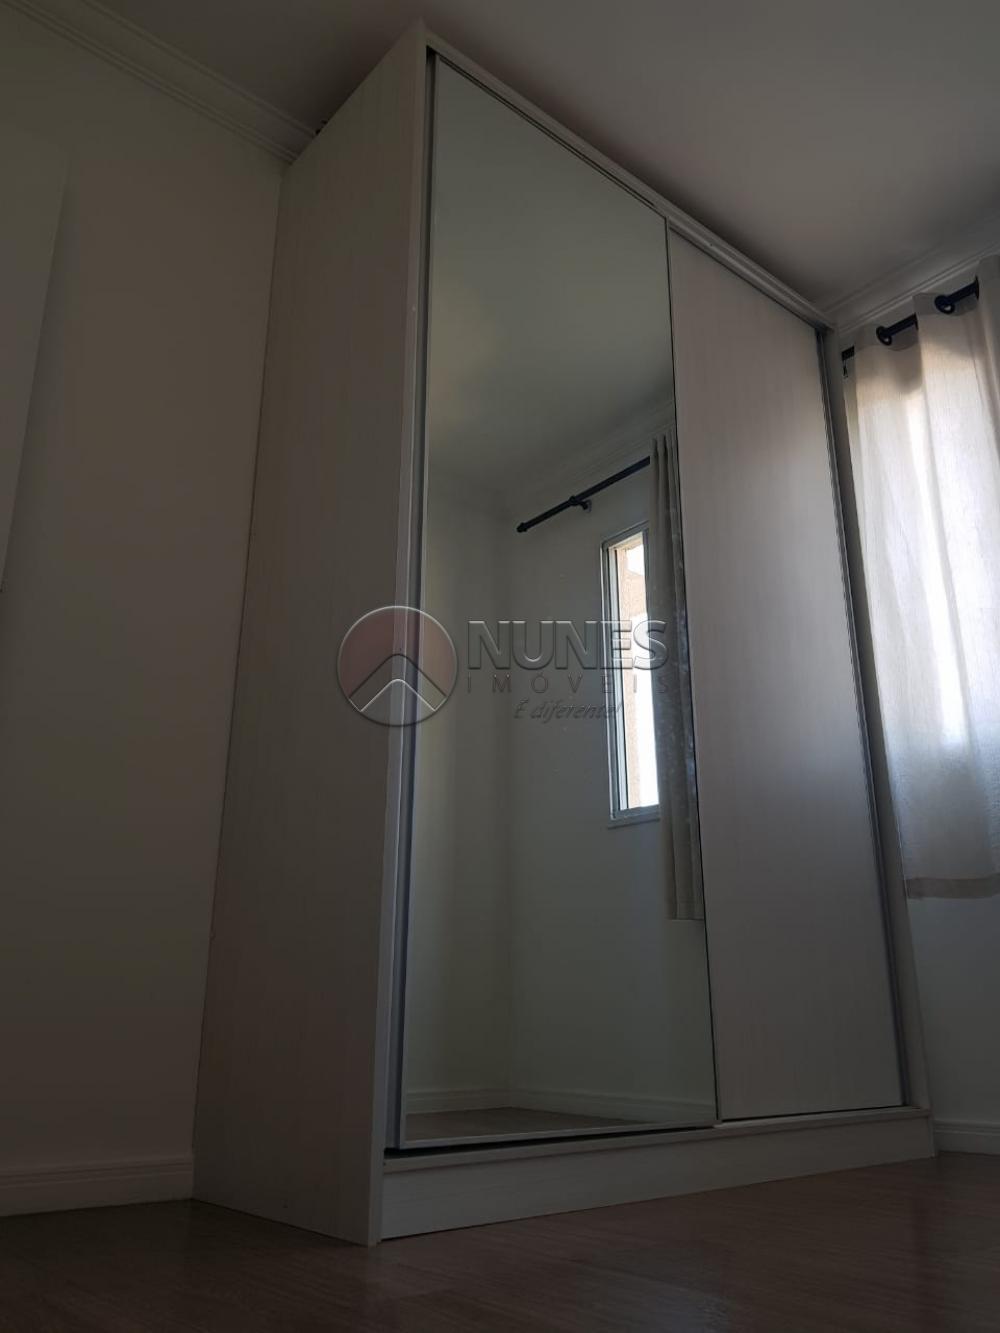 Comprar Apartamento / Padrão em Osasco apenas R$ 185.000,00 - Foto 14